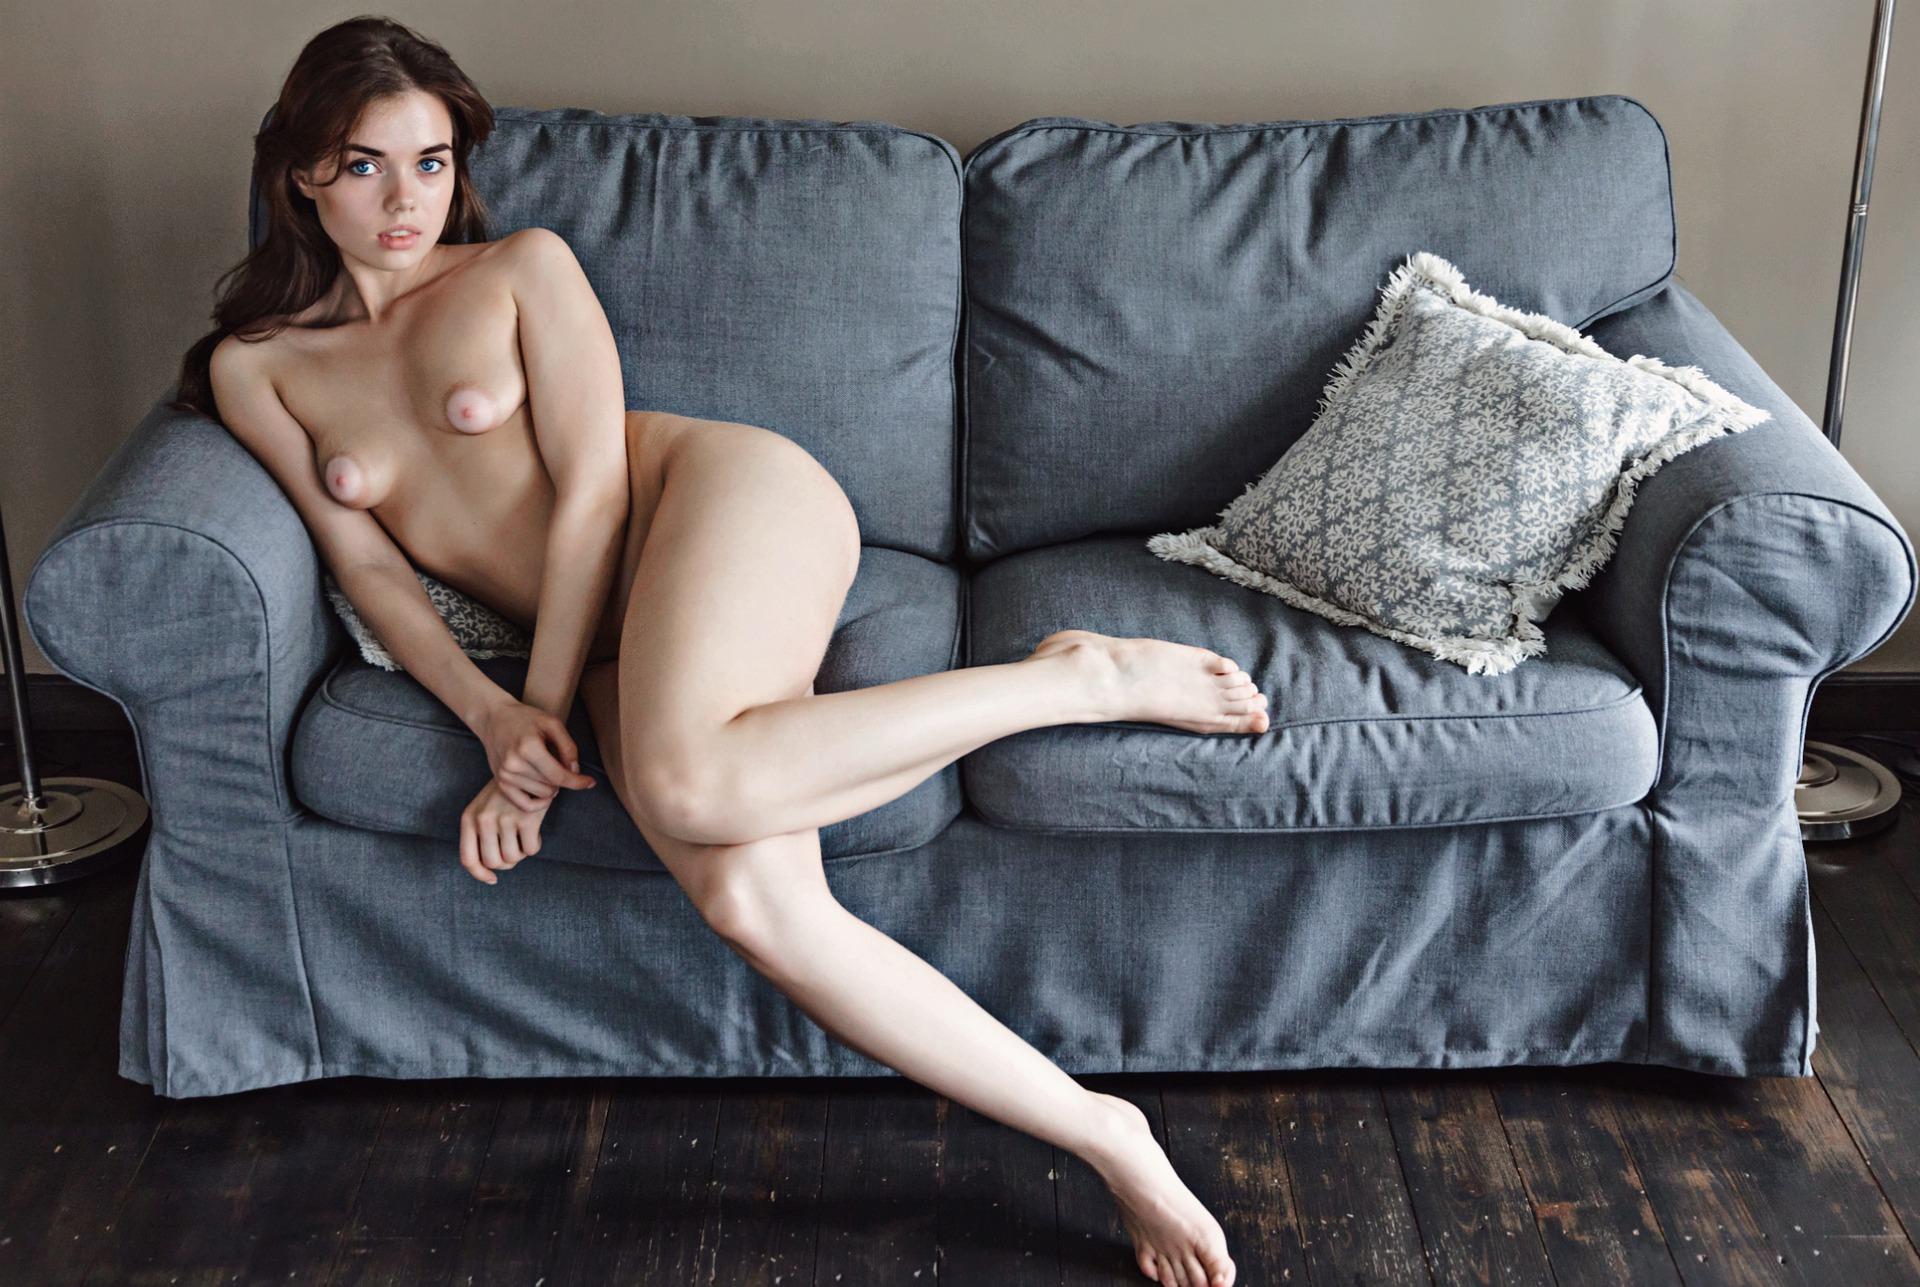 nude-6185088_1920